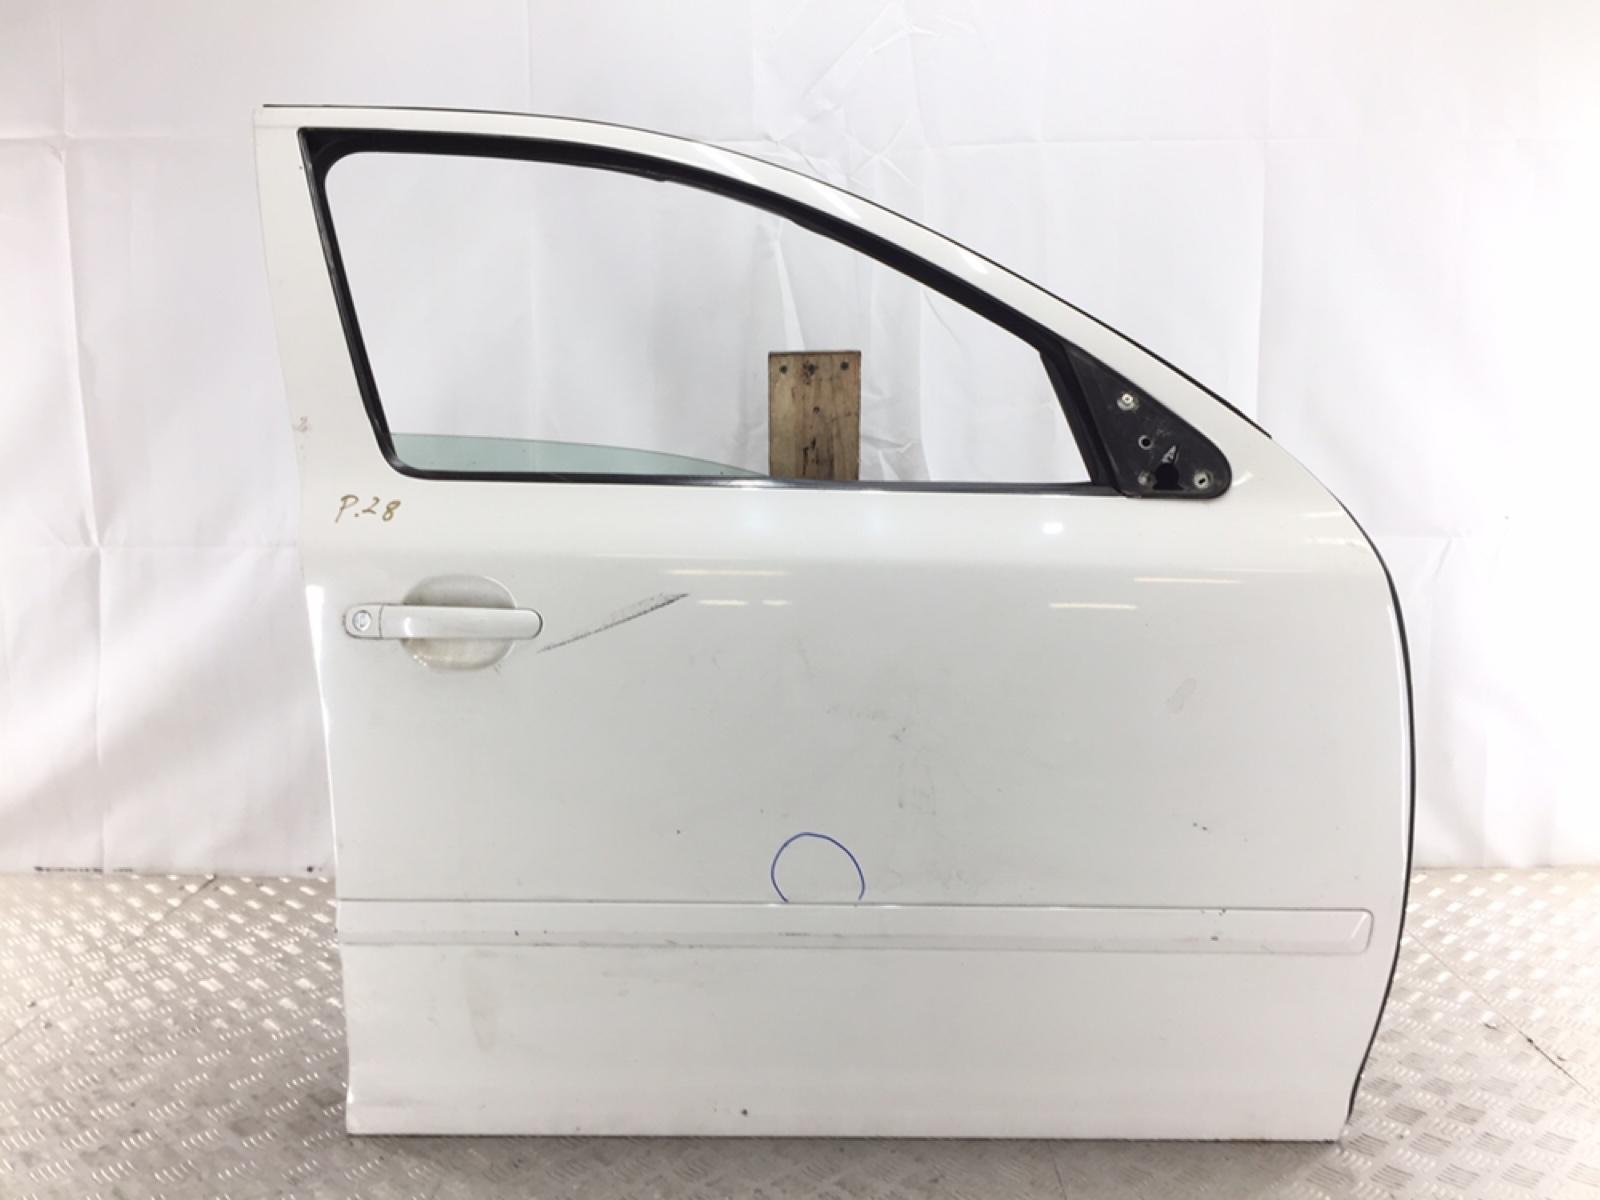 Дверь передняя правая Skoda Octavia 1.6 TDI 2012 (б/у)